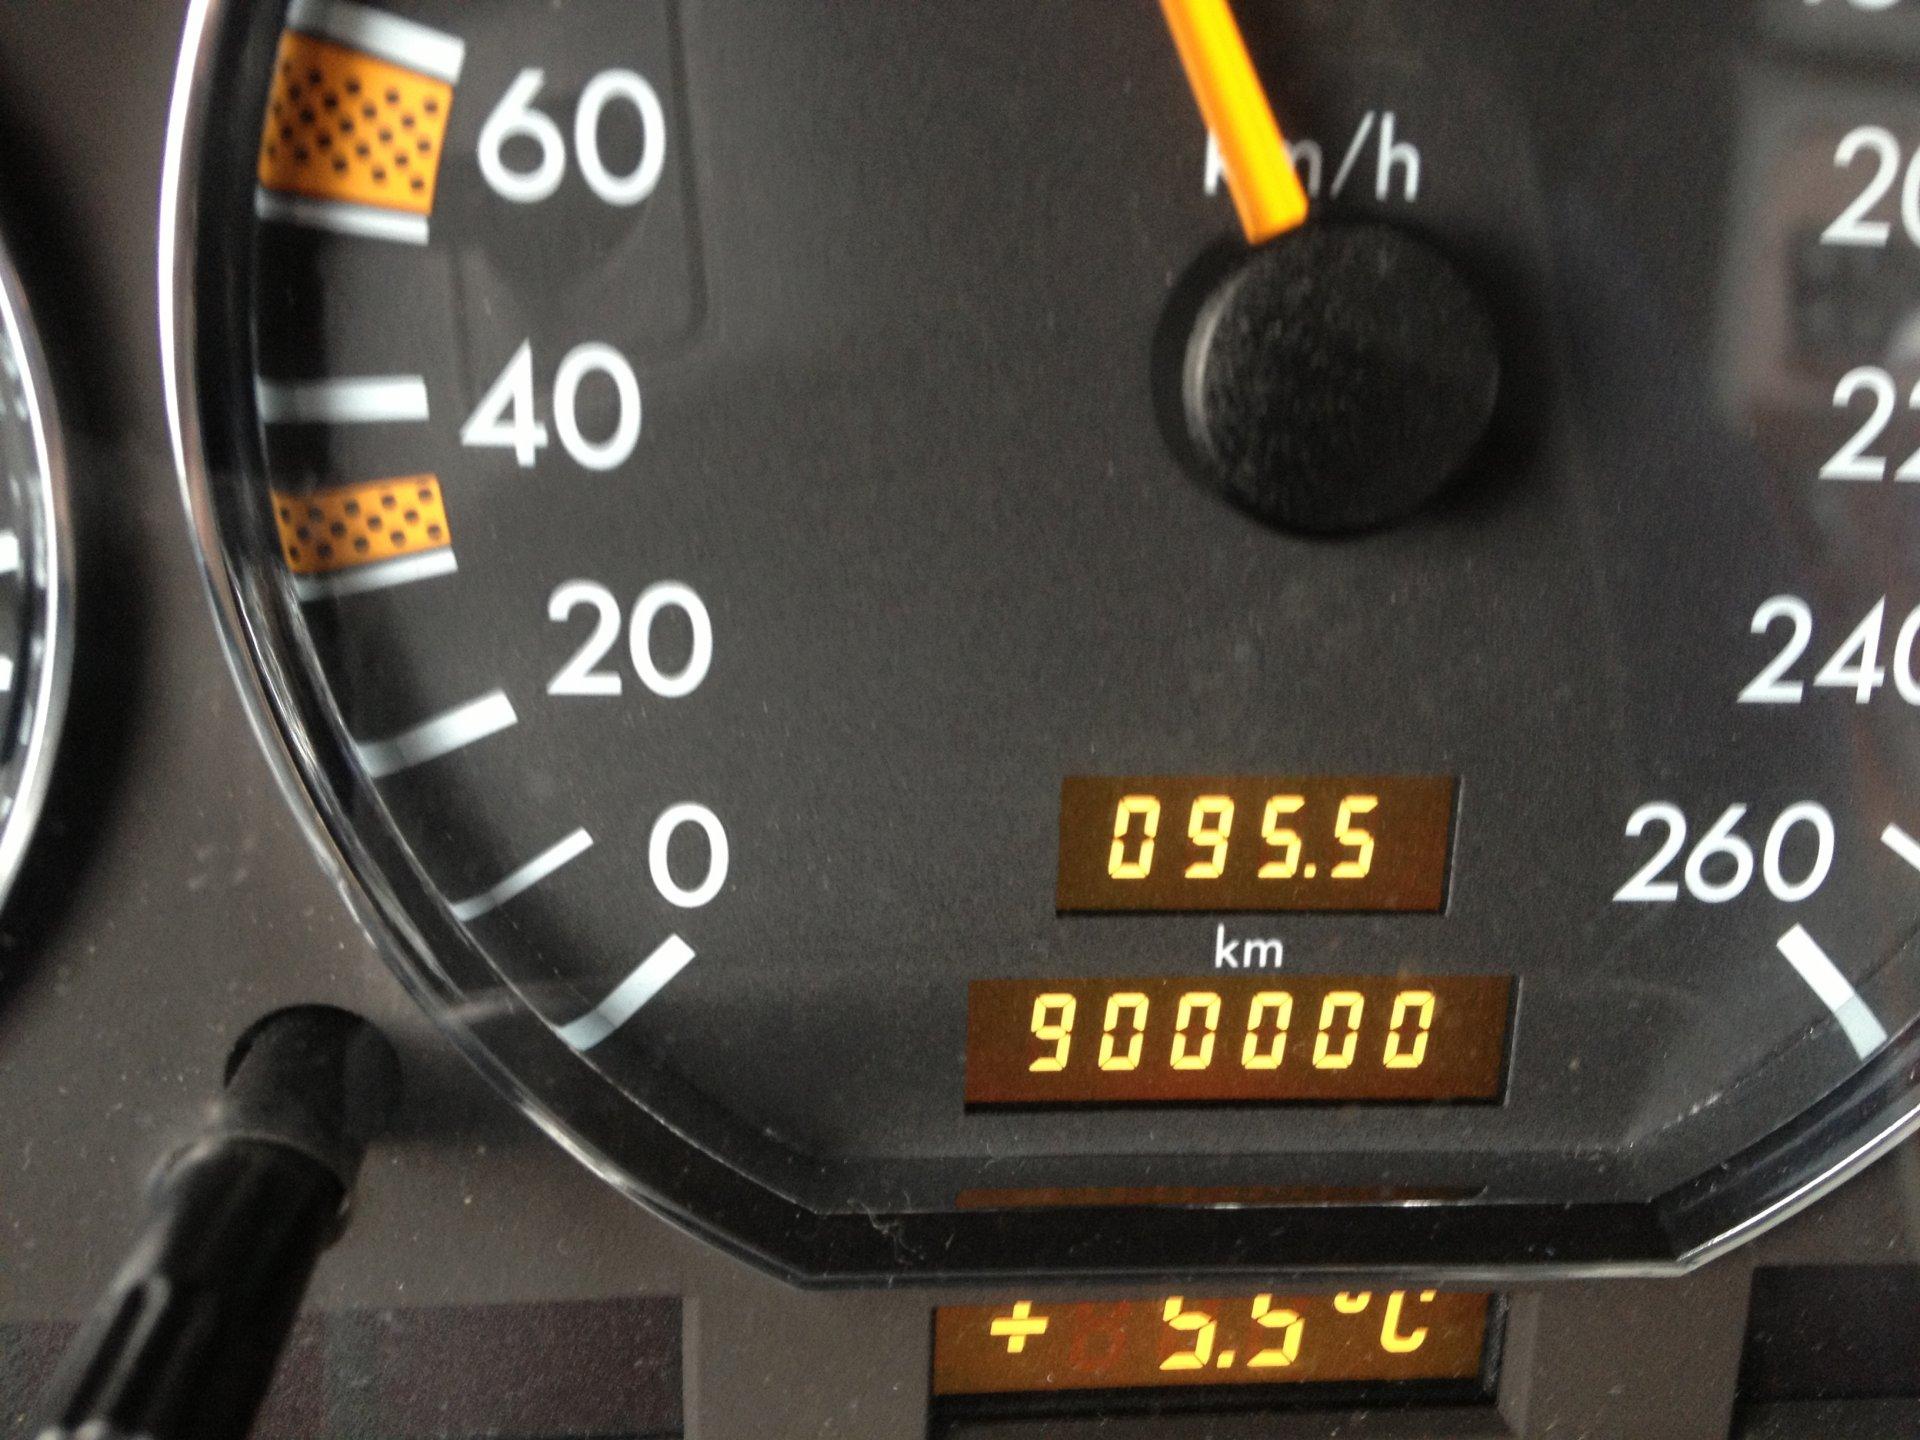 900000 Km 26.02.2020.JPG